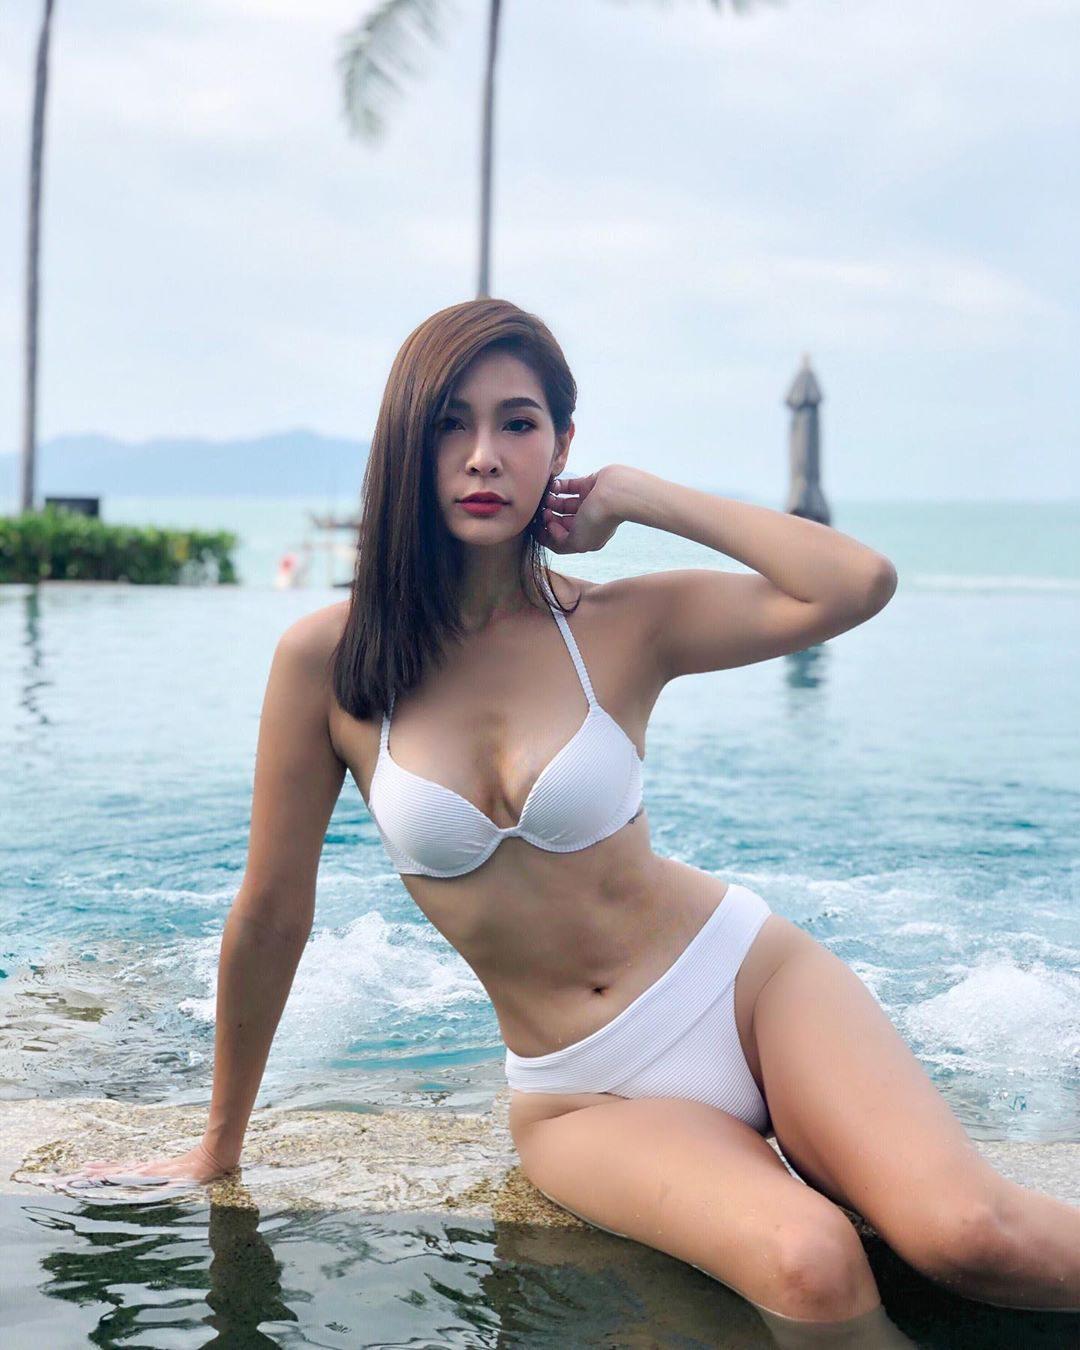 เซ็กซี่, นางแบบ, สาวสวย, น่ารัก, บิกินี่, ชุดว่ายน้ำ